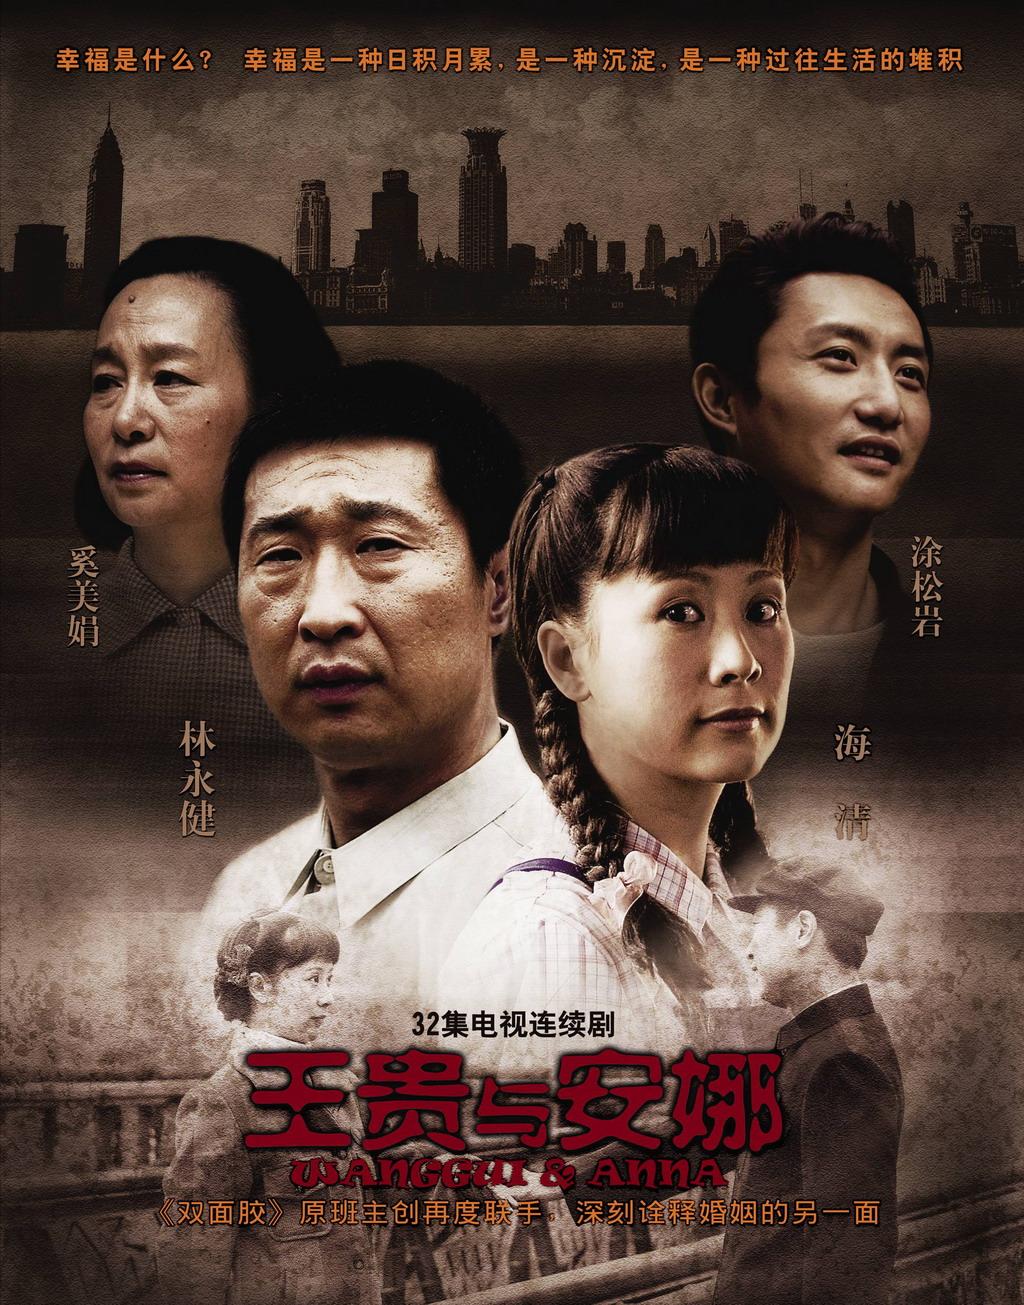 抗美援朝志愿军前后四任总司令--中国广播网 中央人民广播电台...